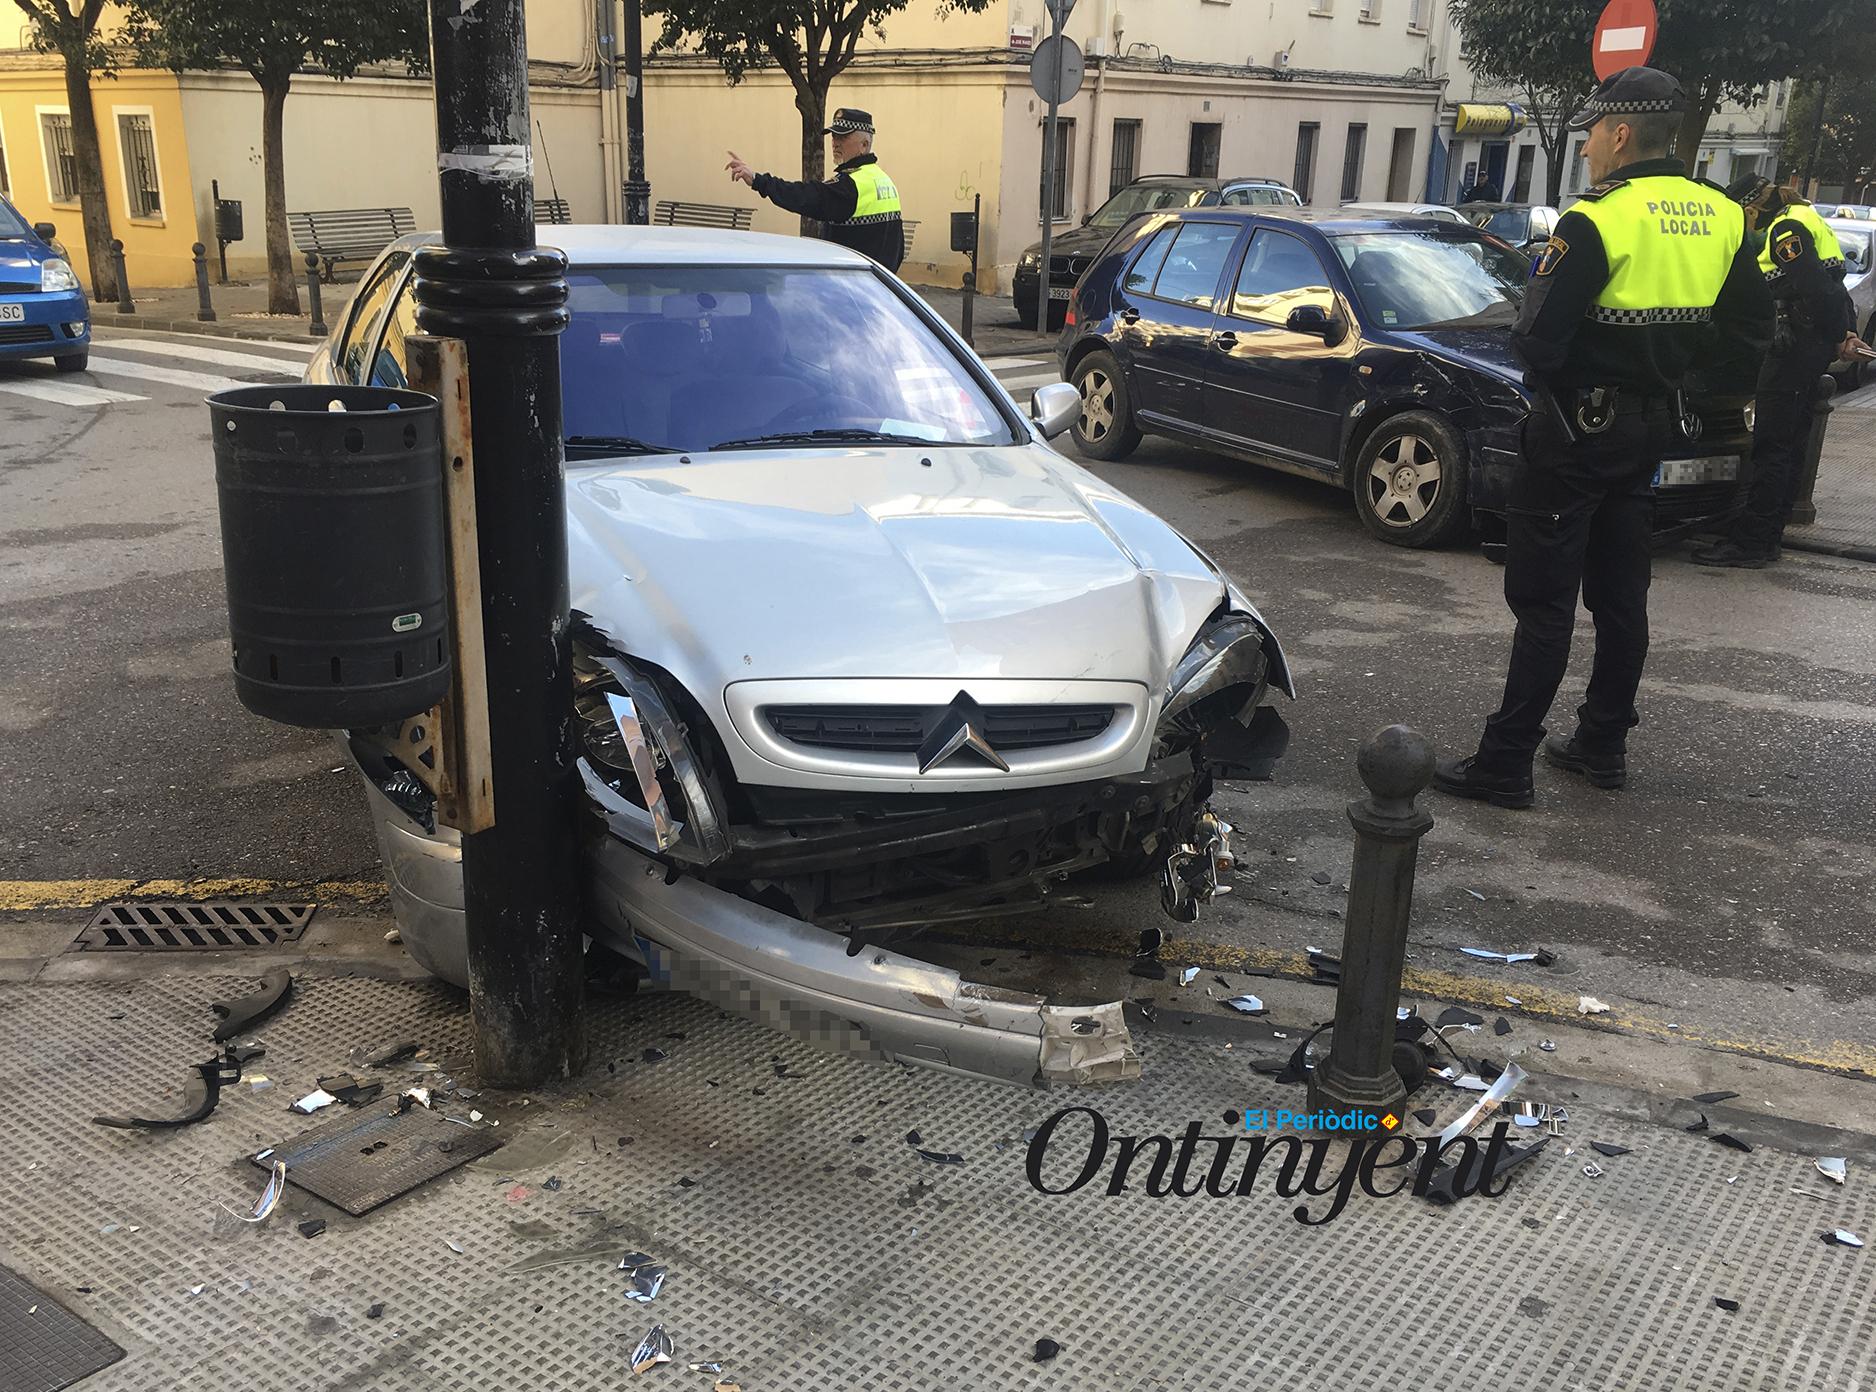 Aparatós accident al carrer Manuel Simó Marín El Periòdic d'Ontinyent